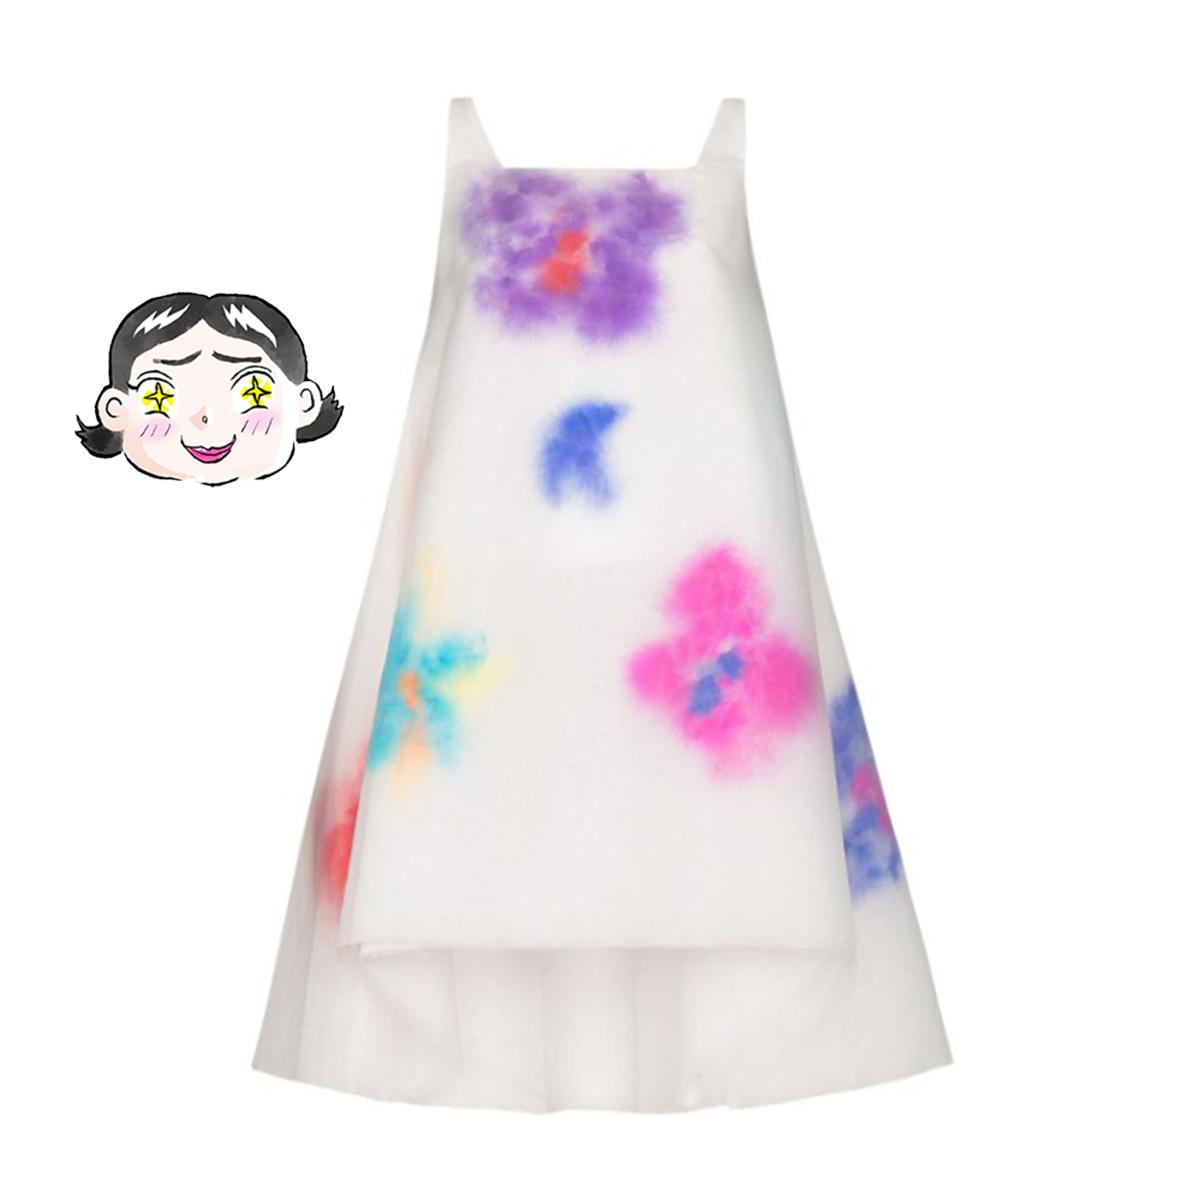 スーザン・ファングのドレス by 編集S